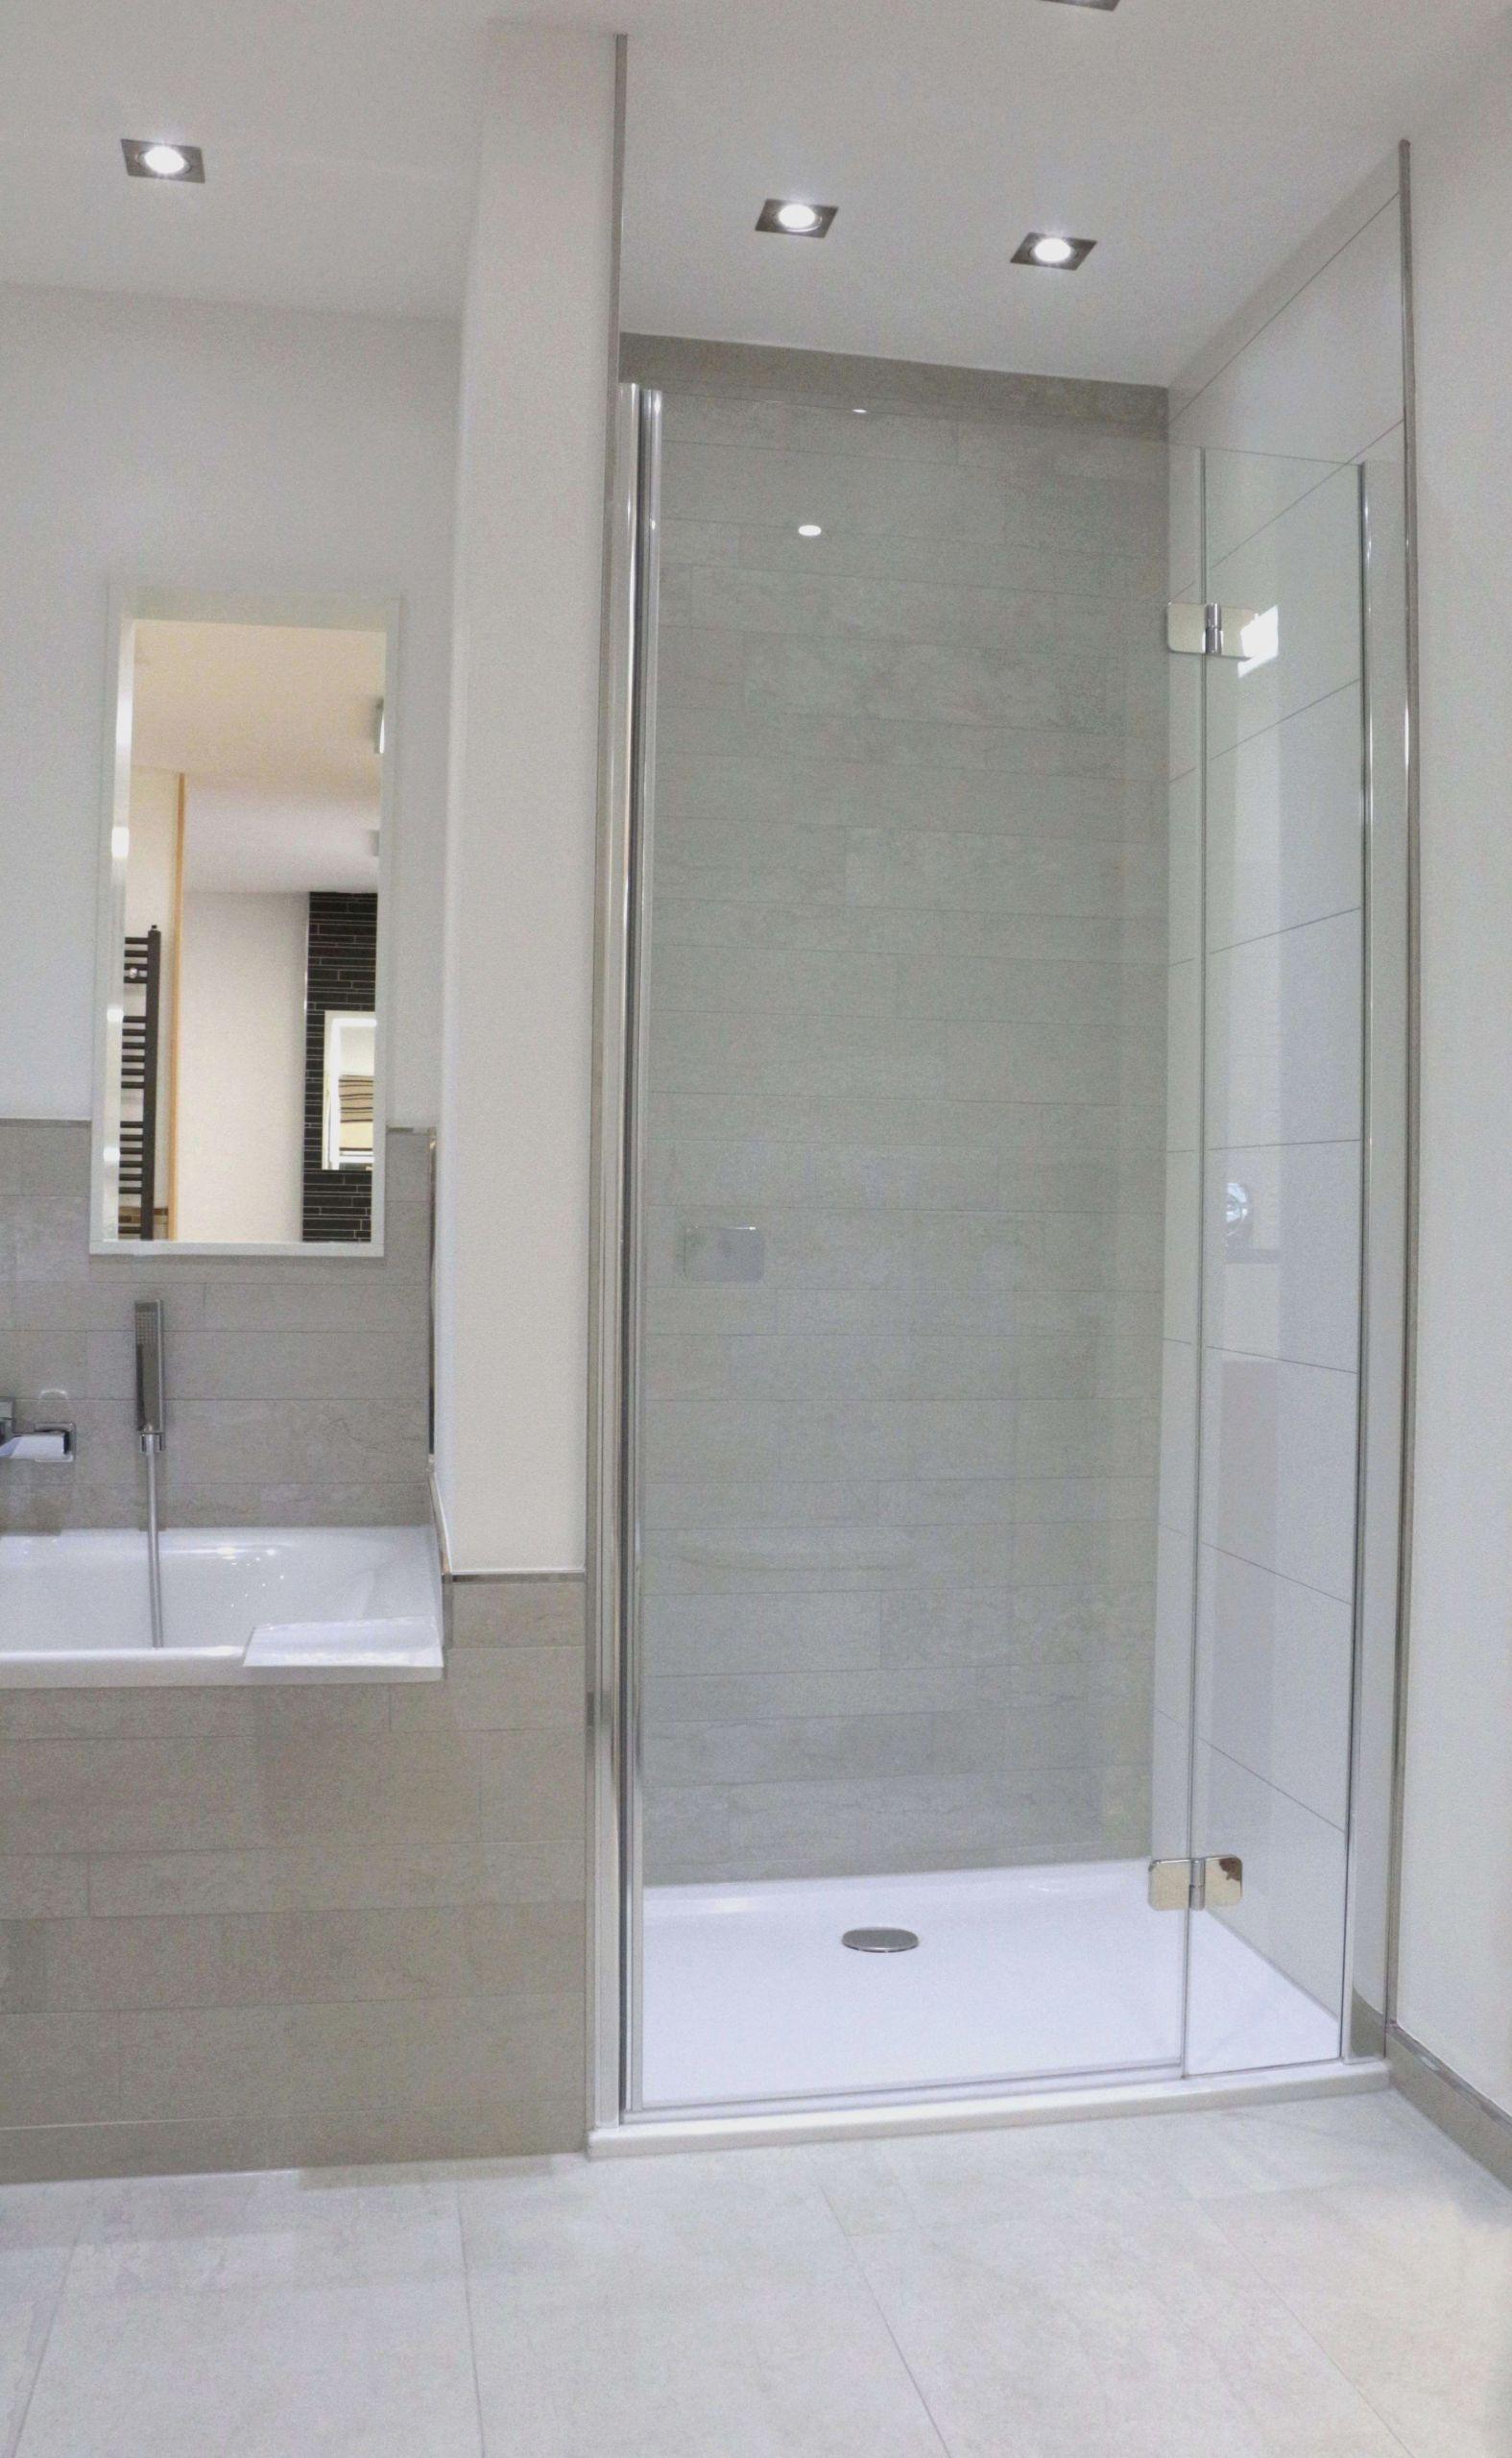 Full Size of Begehbare Dusche Bauen Glasabtrennung Abfluss Barrierefreie Schulte Duschen Werksverkauf Einhebelmischer Bodengleiche Glaswand Fliesen Für Rainshower Dusche Bodengleiche Dusche